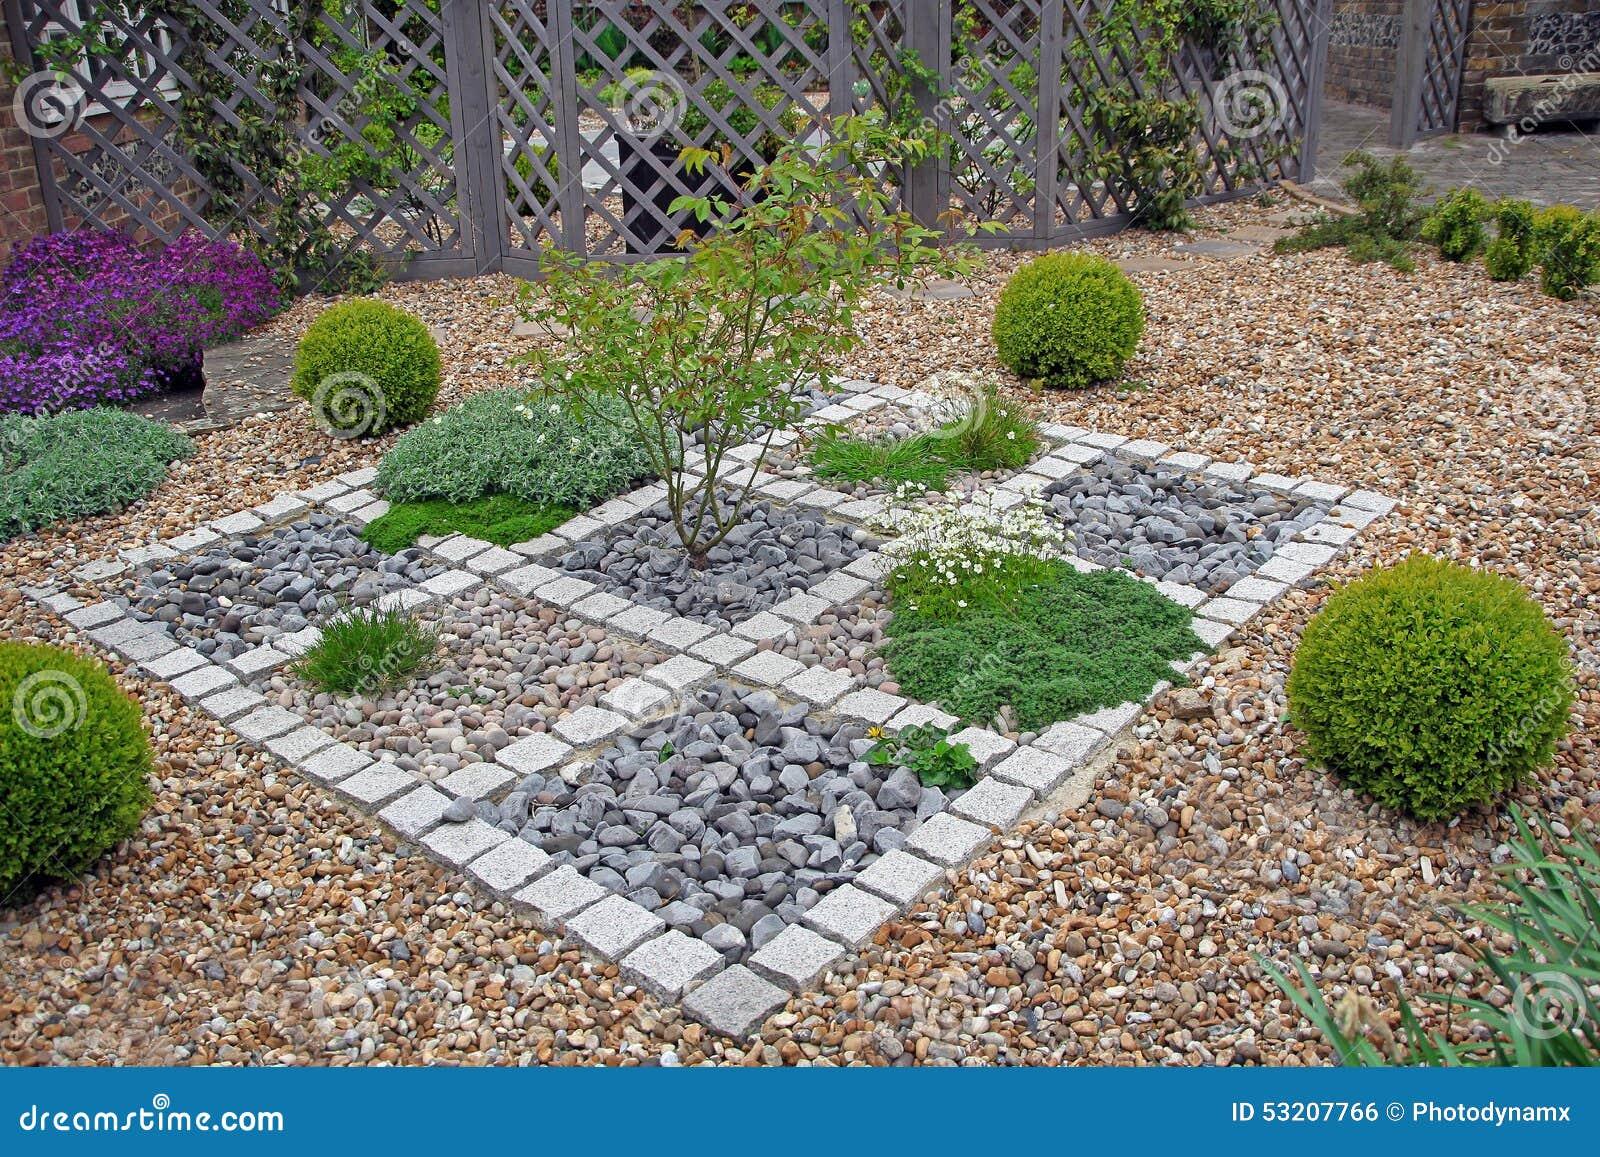 Ornate Zen Garden Stock Photo Image 53207766